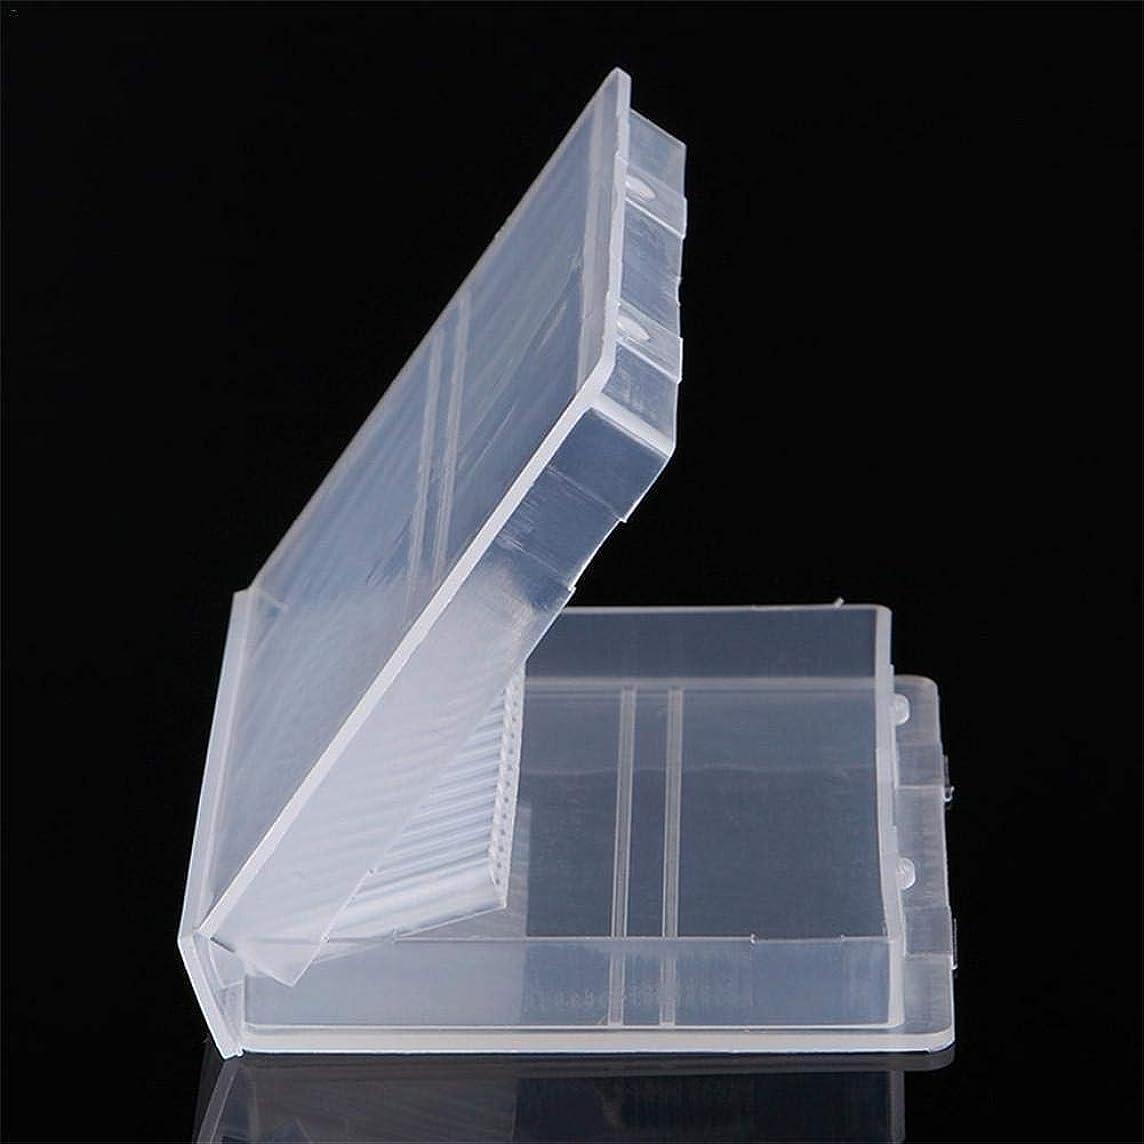 ストレスの多い結核回復するRuier-tong ネイルドリル 収納ケース ネイルビッドセット 研削ネイル用 透明 プラスチック 20穴 ネイル研削ヘッド収納ボックス